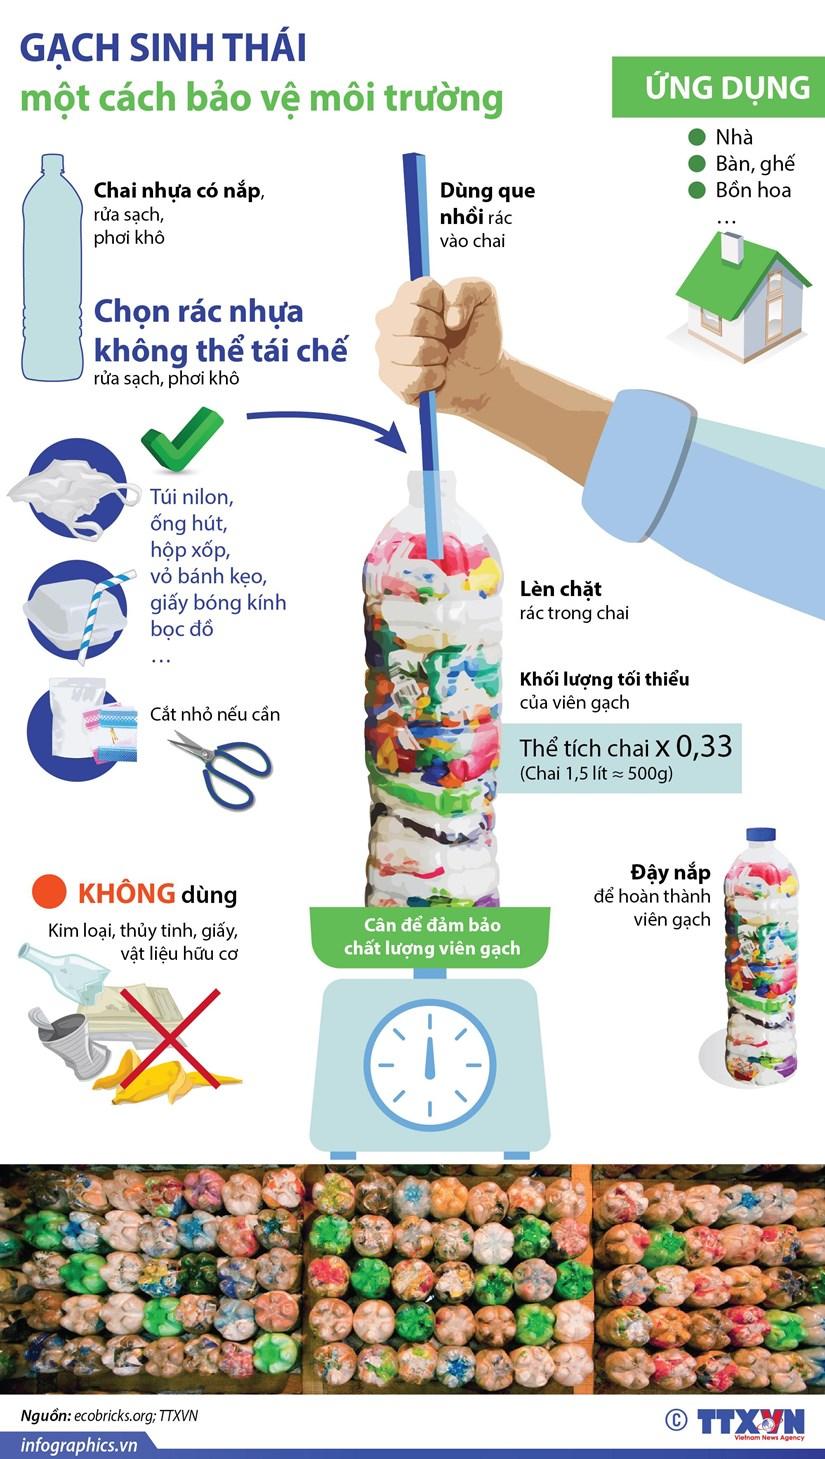 infographics gach sinh thai mot cach bao ve moi truong